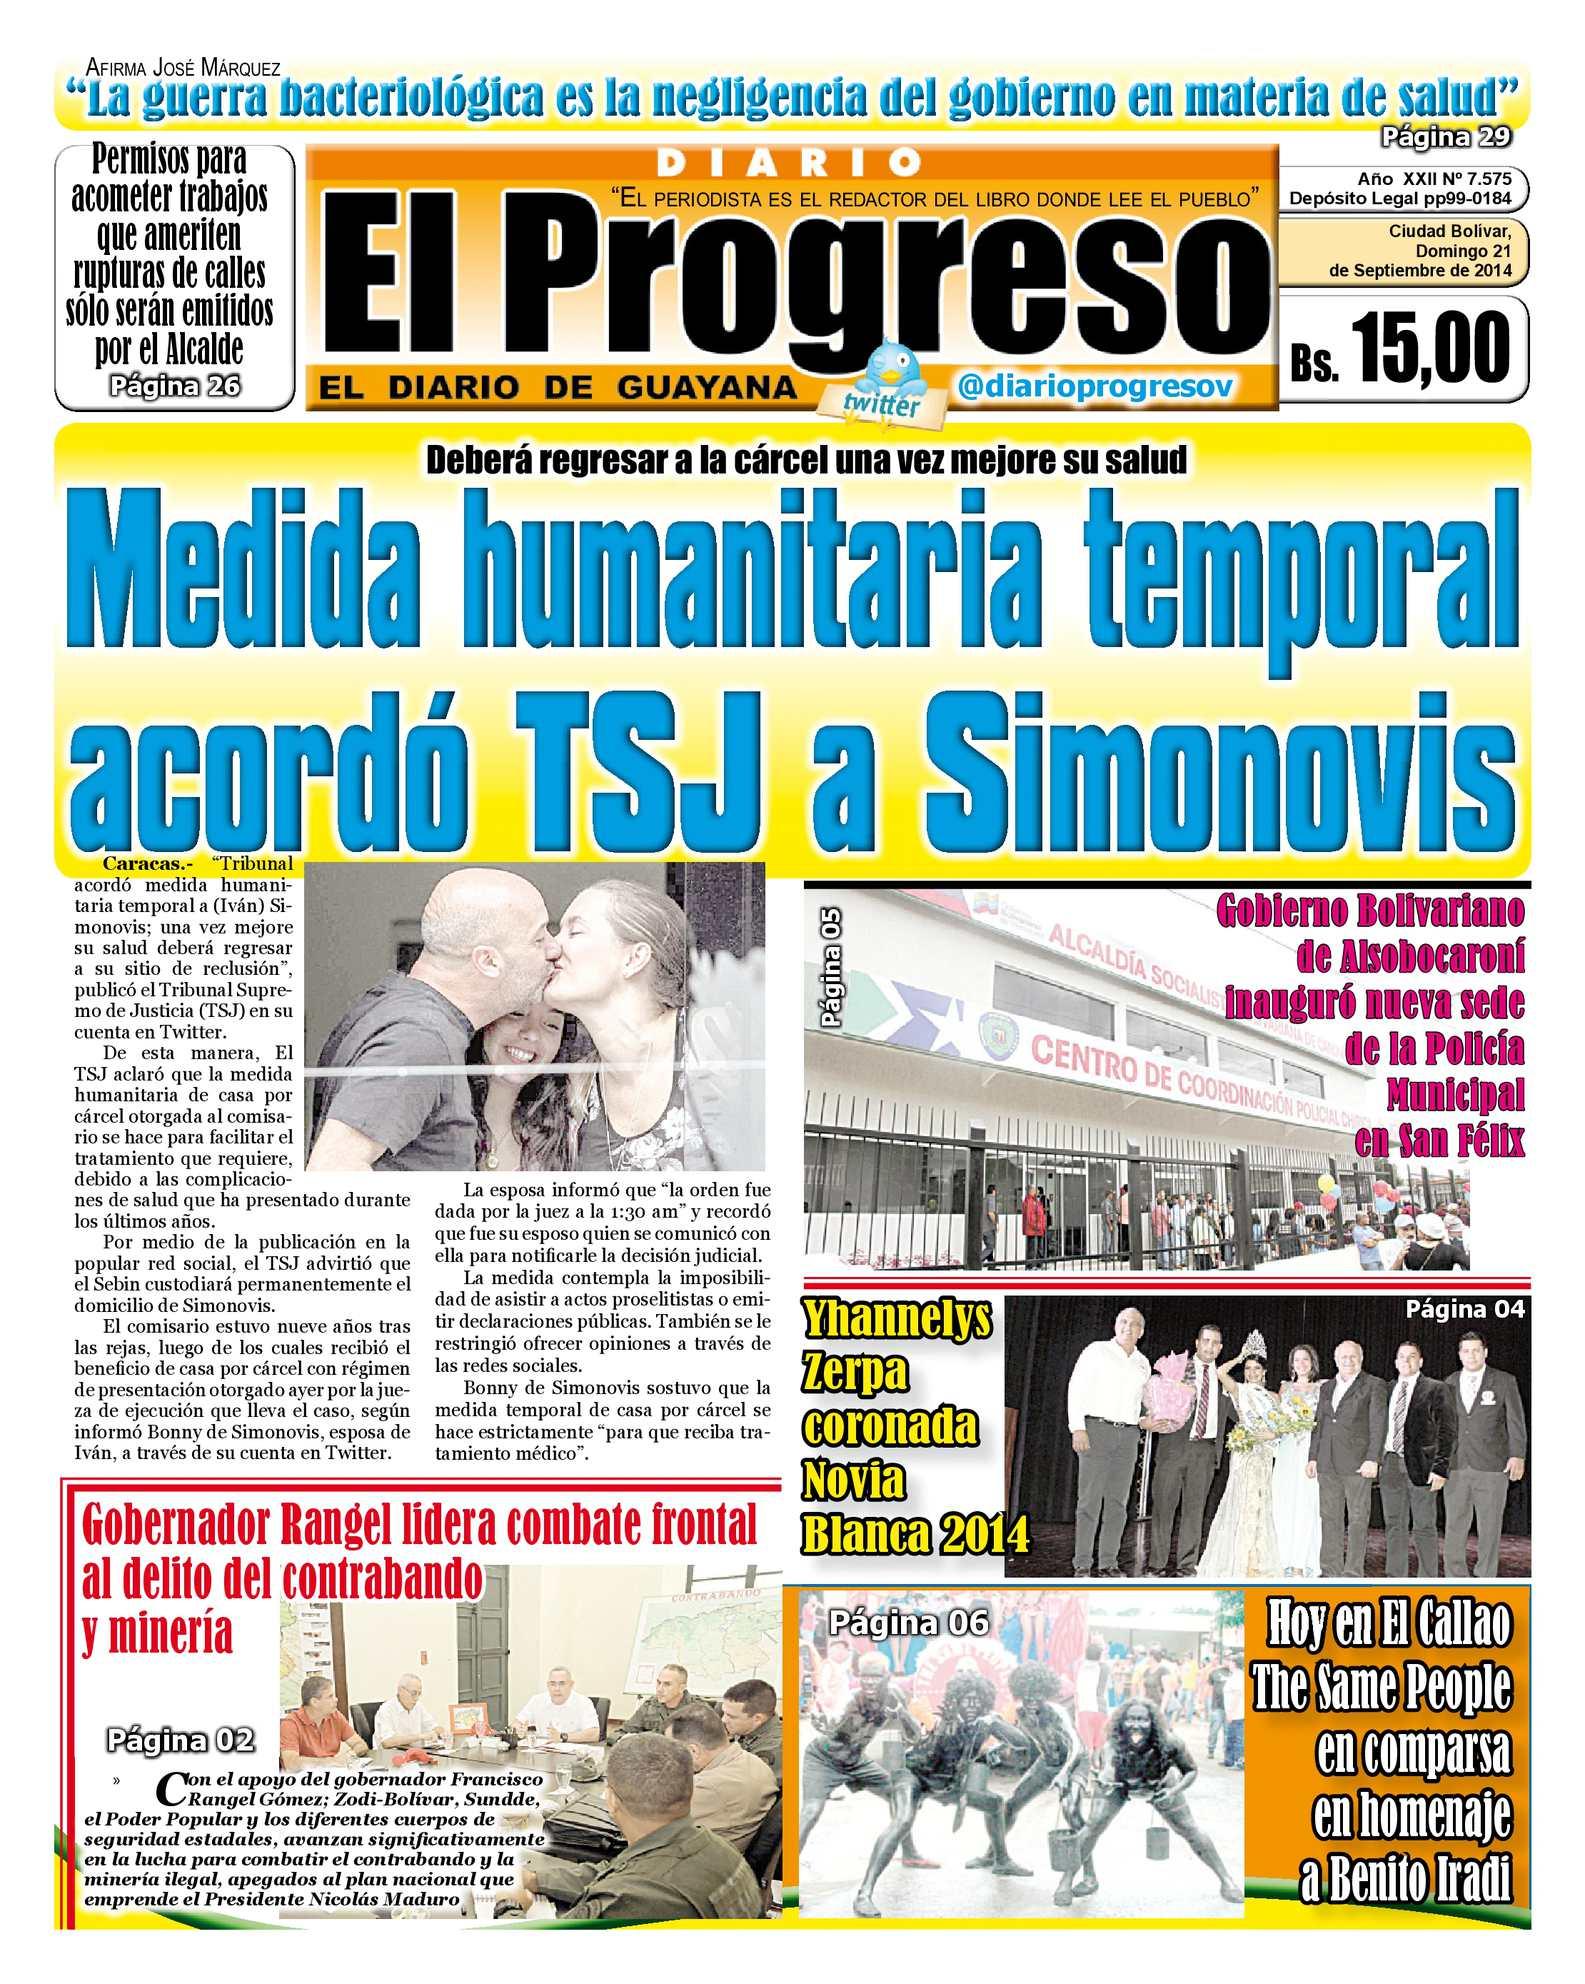 Calaméo - DIARIO EL PROGRESO EDICIÓN DIGITAL 21-09-2014 5ed637f739